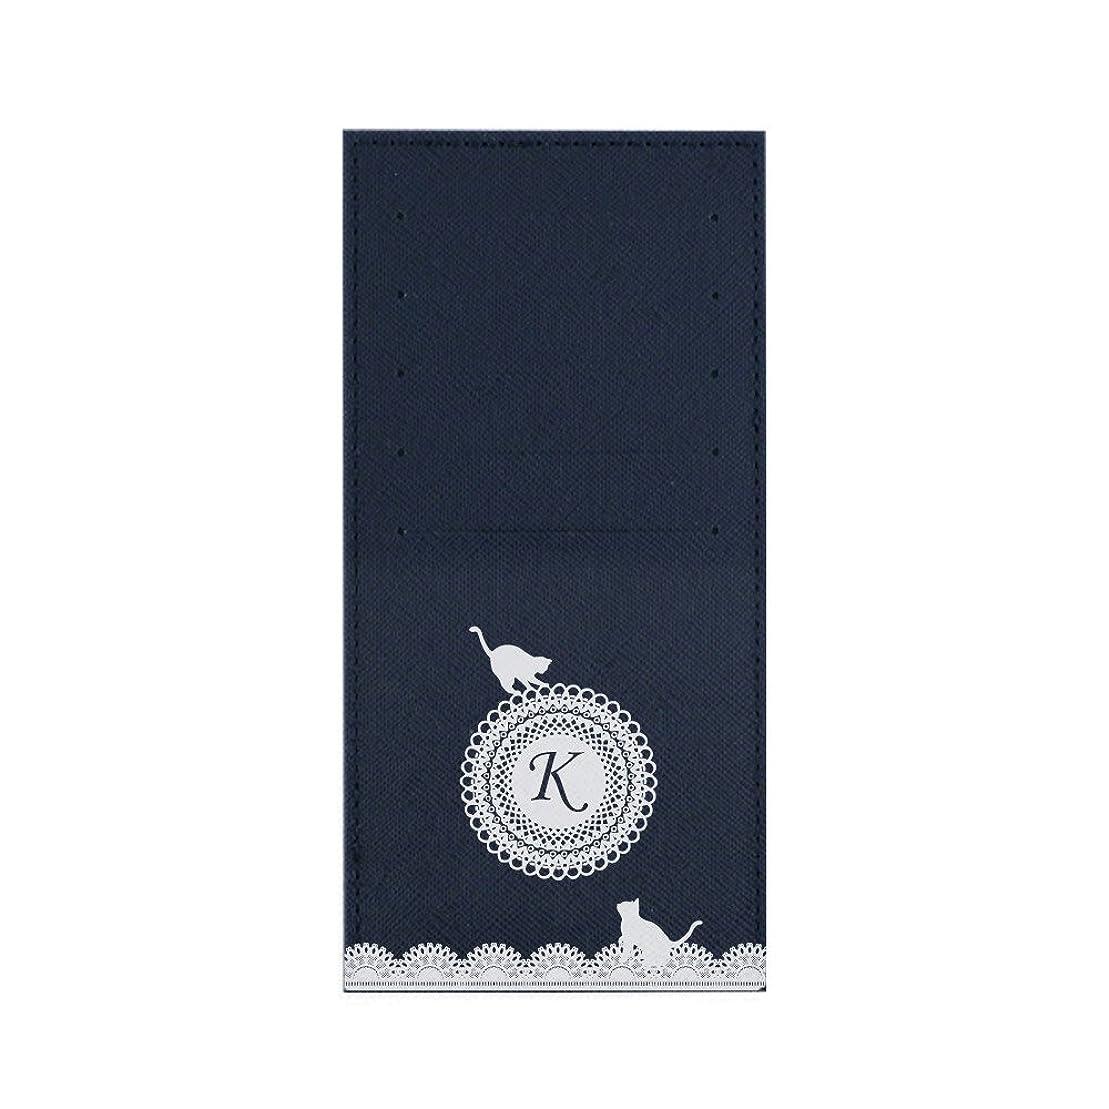 広まった石膏抑圧者インナーカードケース 長財布用カードケース 10枚収納可能 カード入れ 収納 プレゼント ギフト 3015レースネーム (K) ネイビー mirai